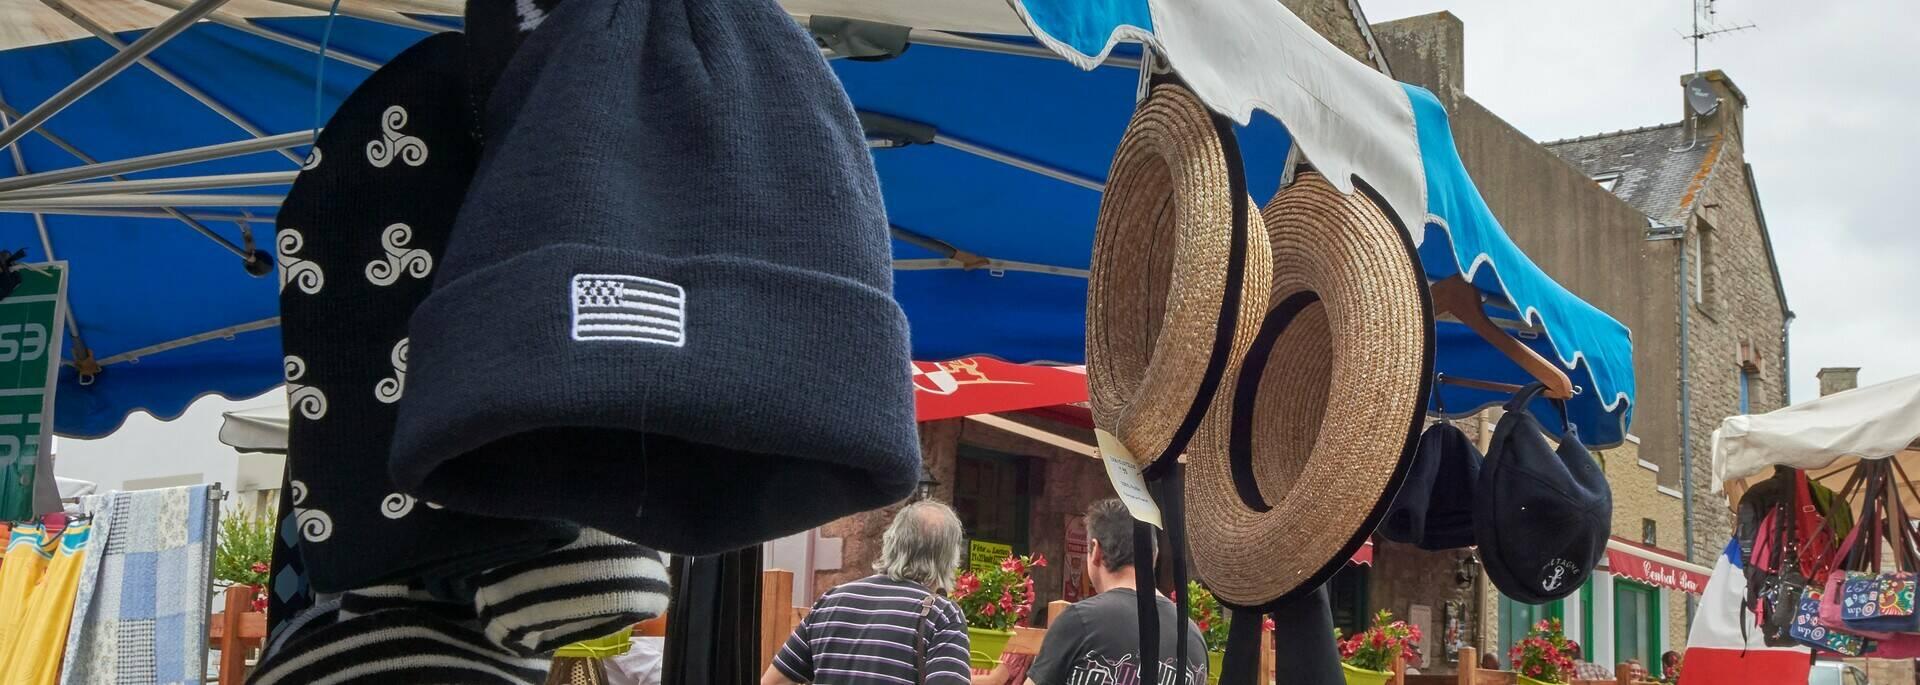 Jour de marché au Faouët © MA Gouret-Puillandre